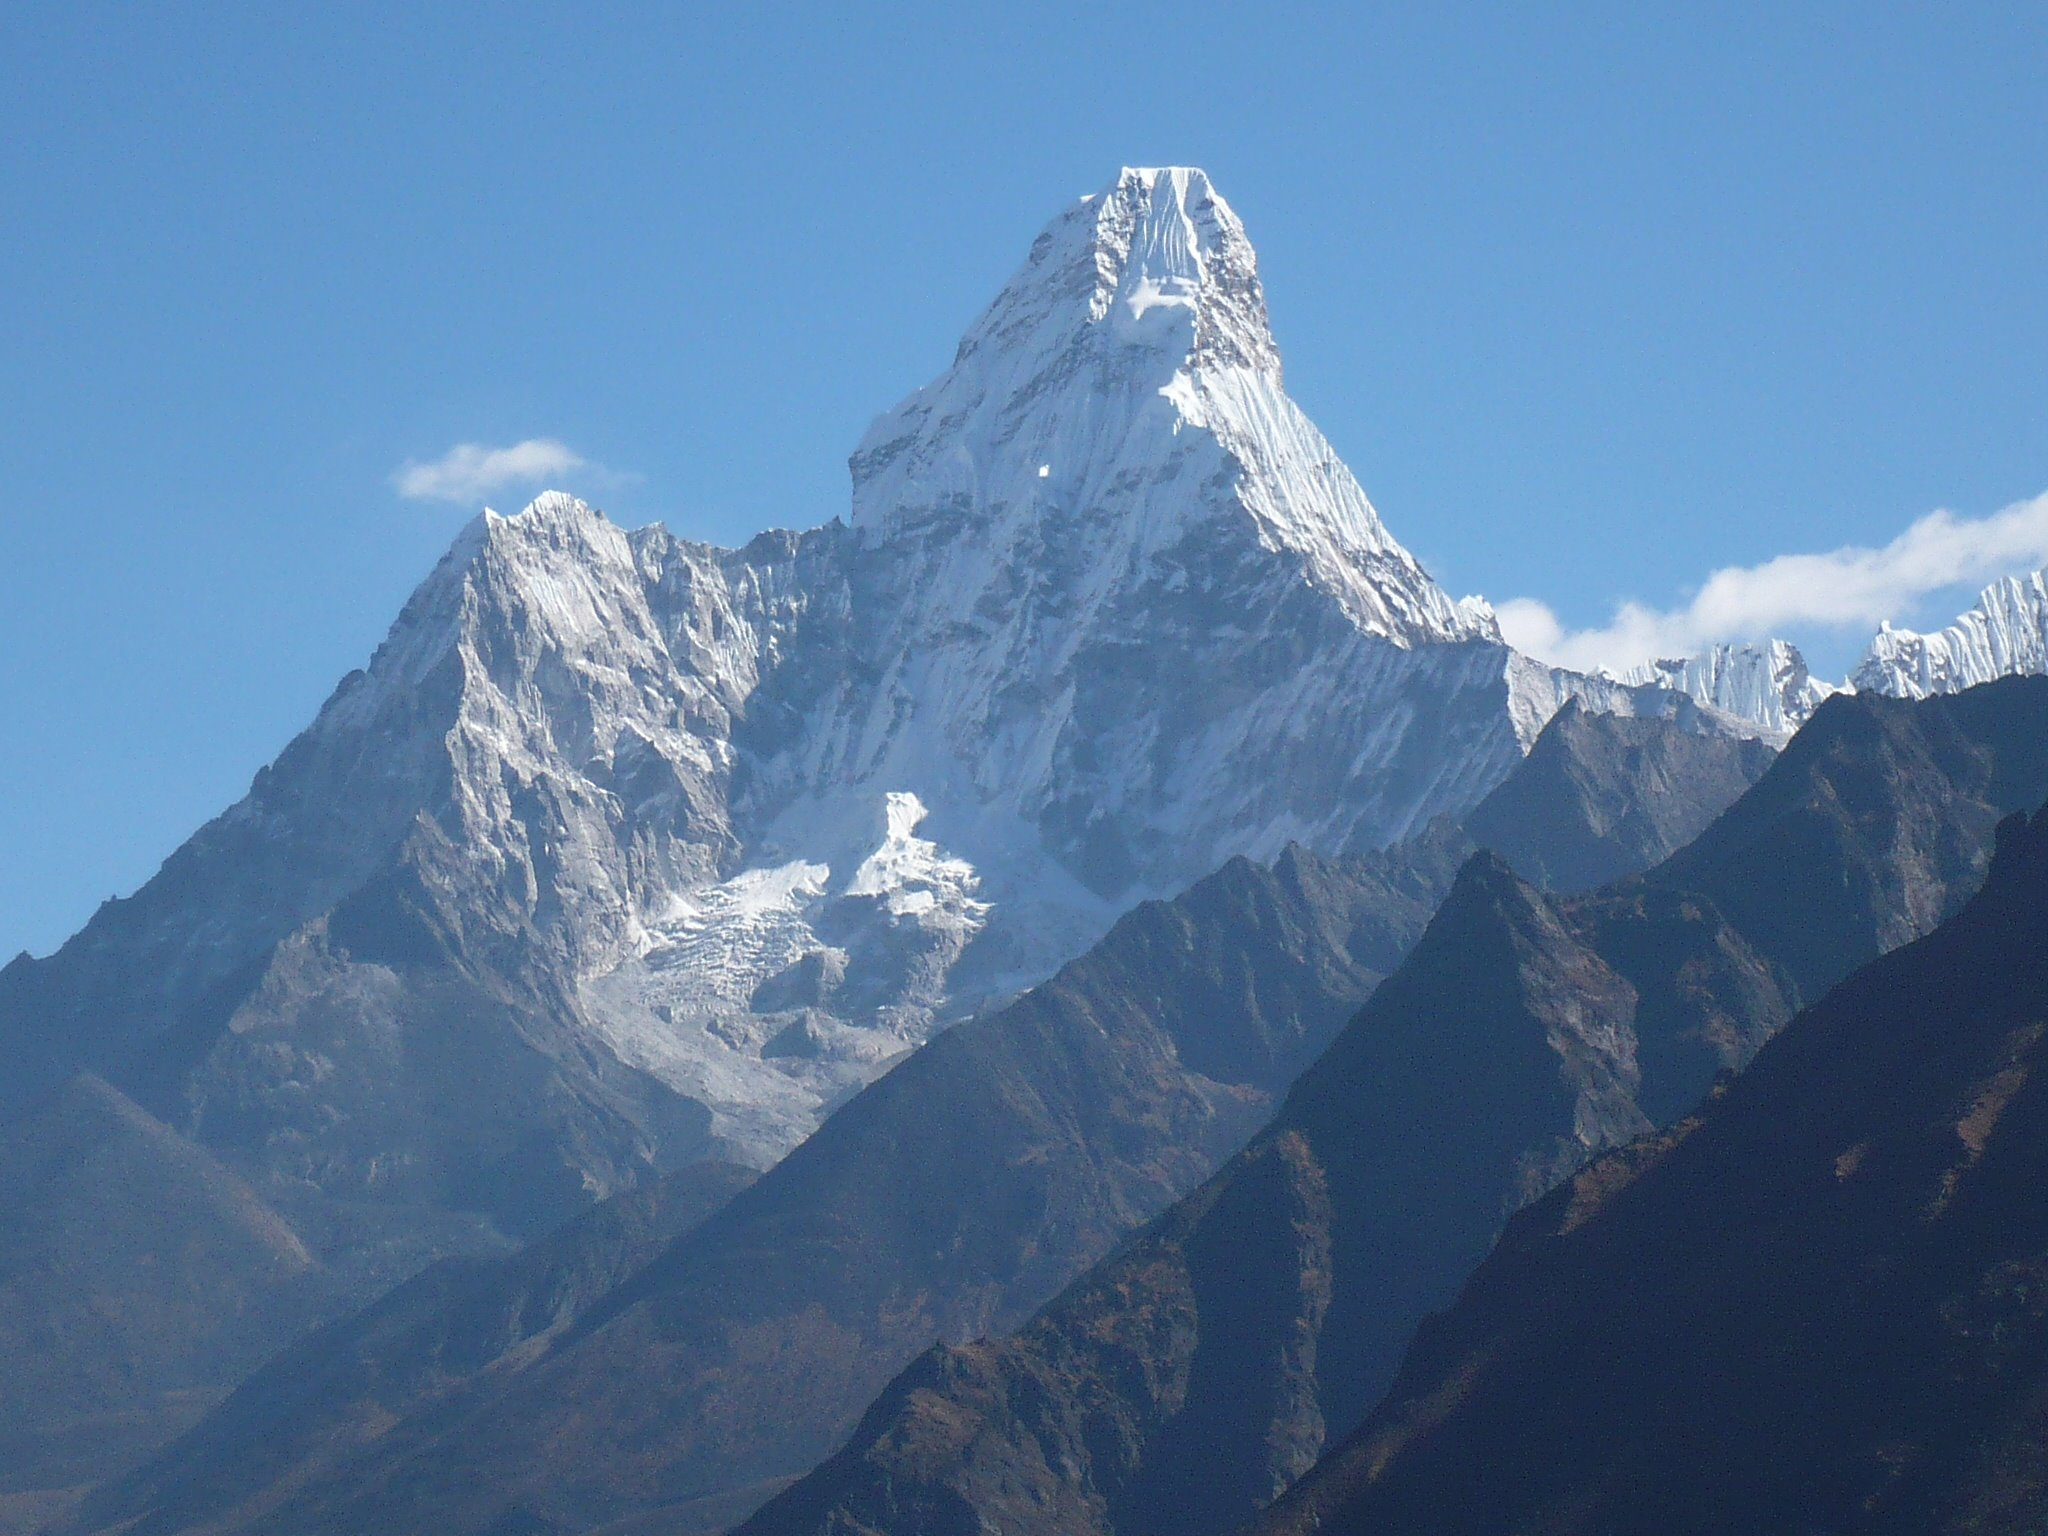 ネパール復興支援登山隊&トレッキングツアー